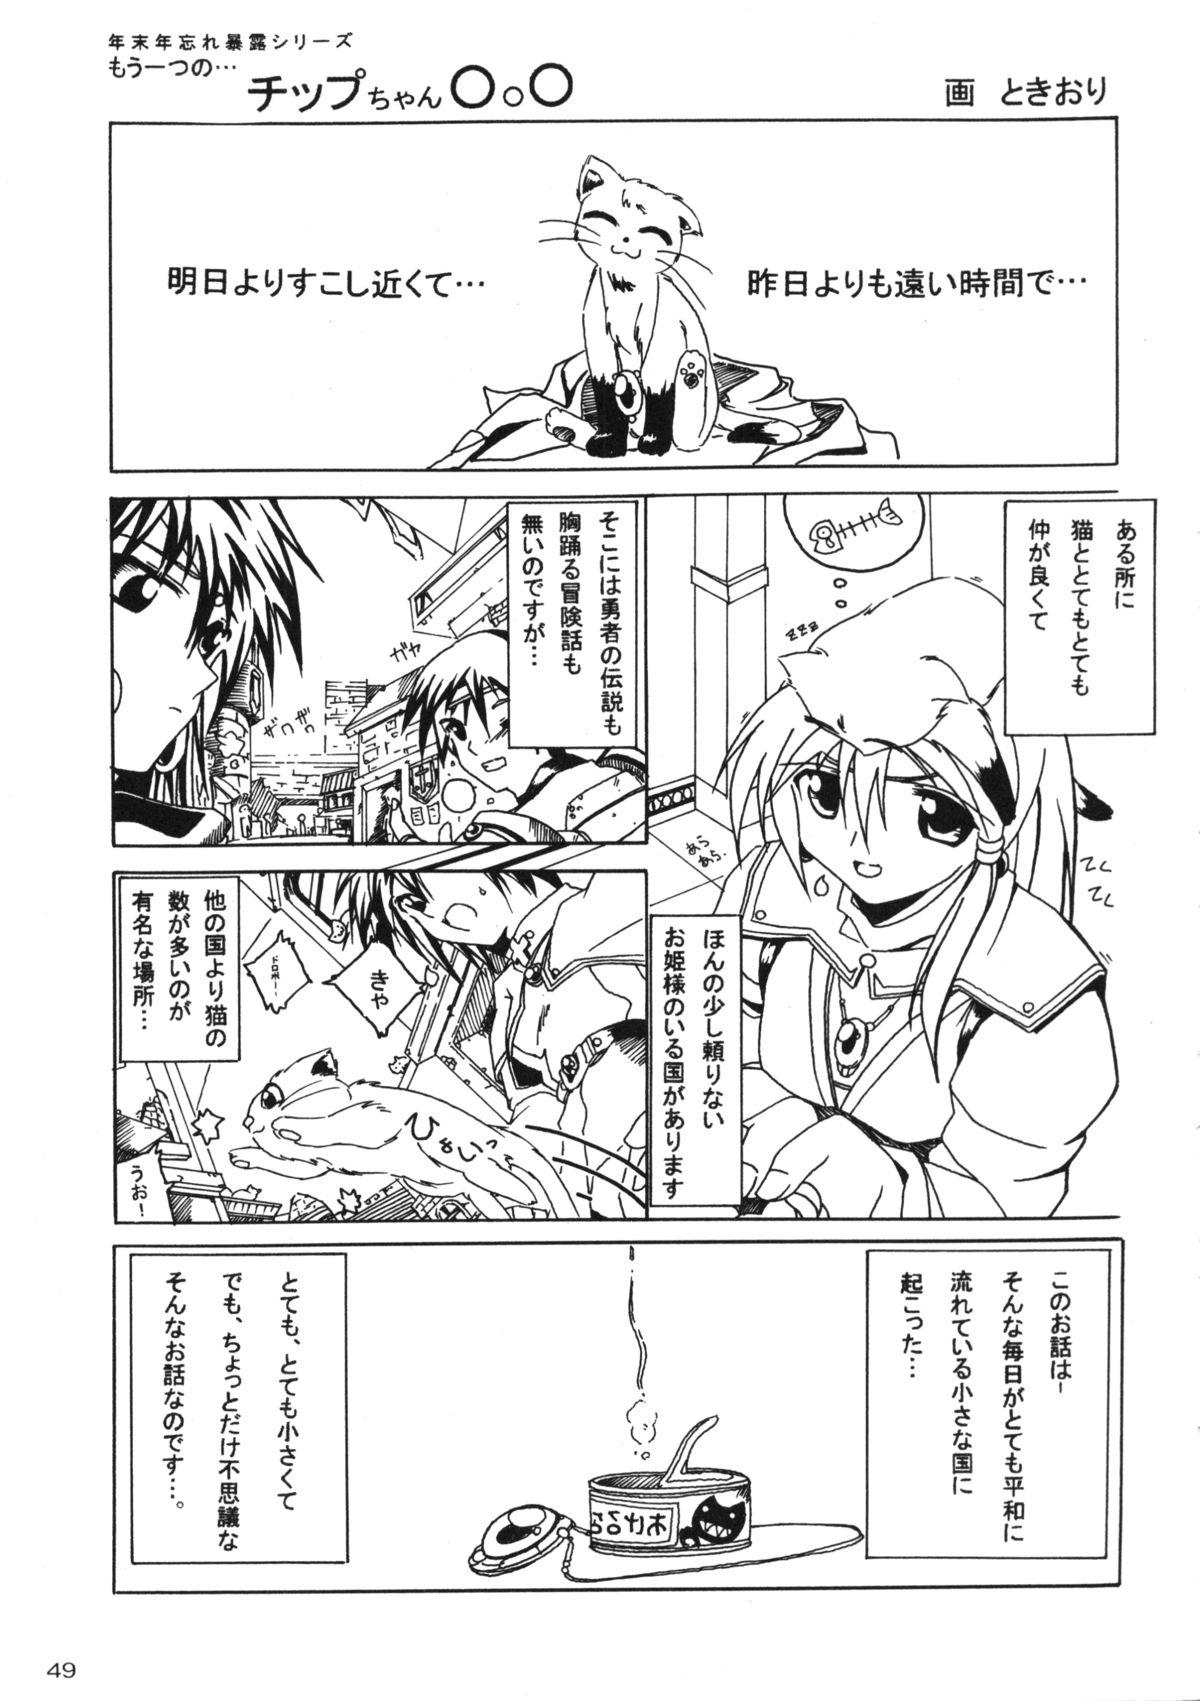 Kenko Daiichi 47